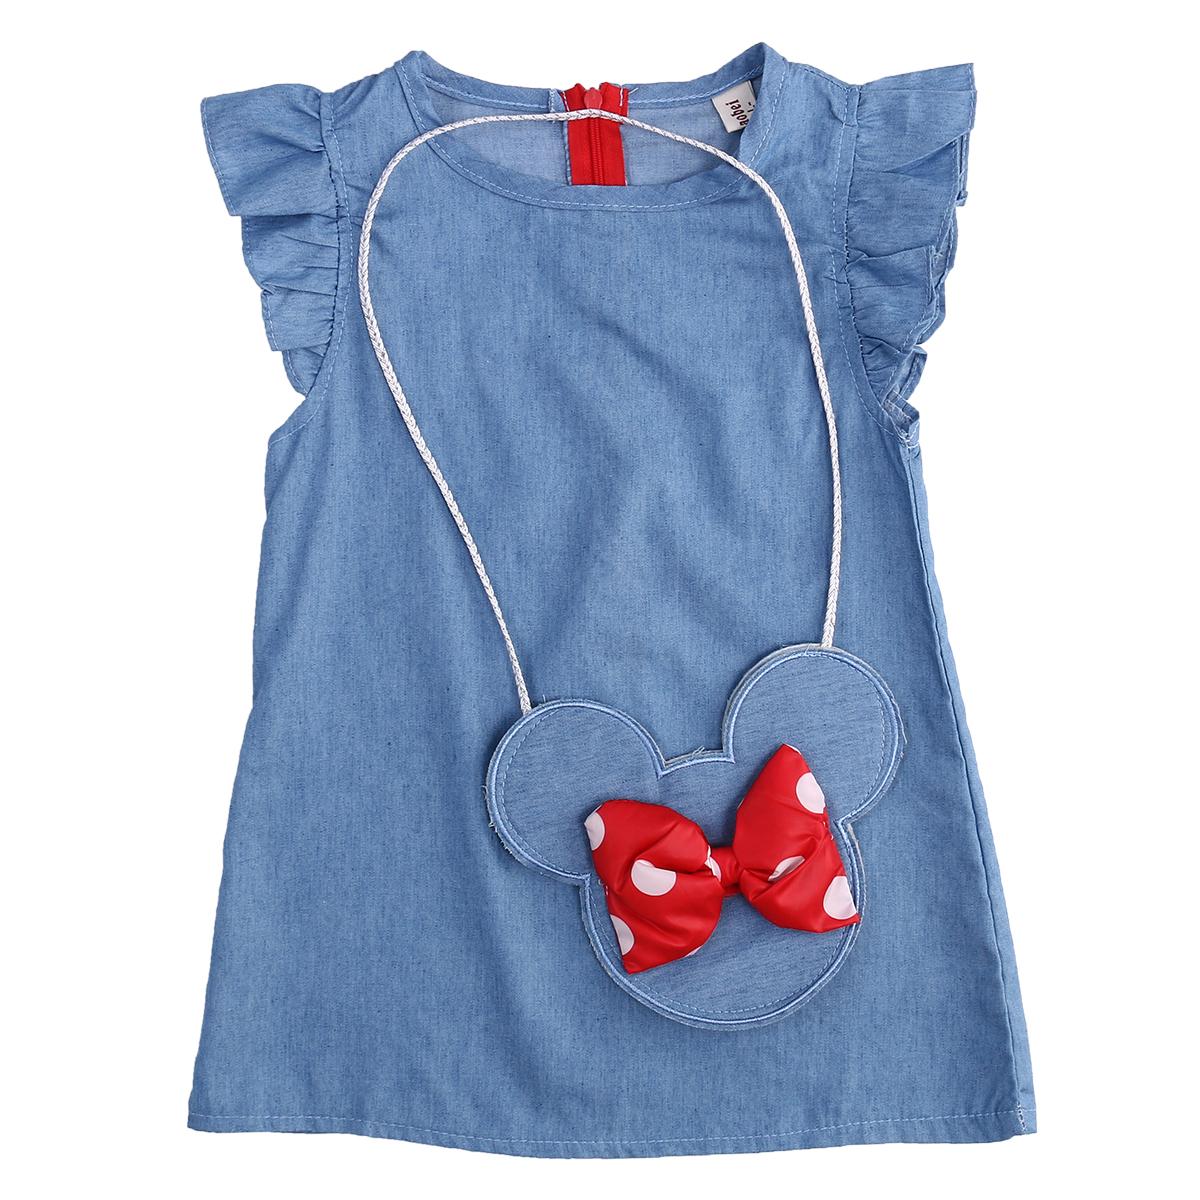 aa97ea2dc 2 piezas de vestido de mezclilla para niños, vestido de niña, vestido de  mezclilla para niñas, vestidos de fiesta para niñas